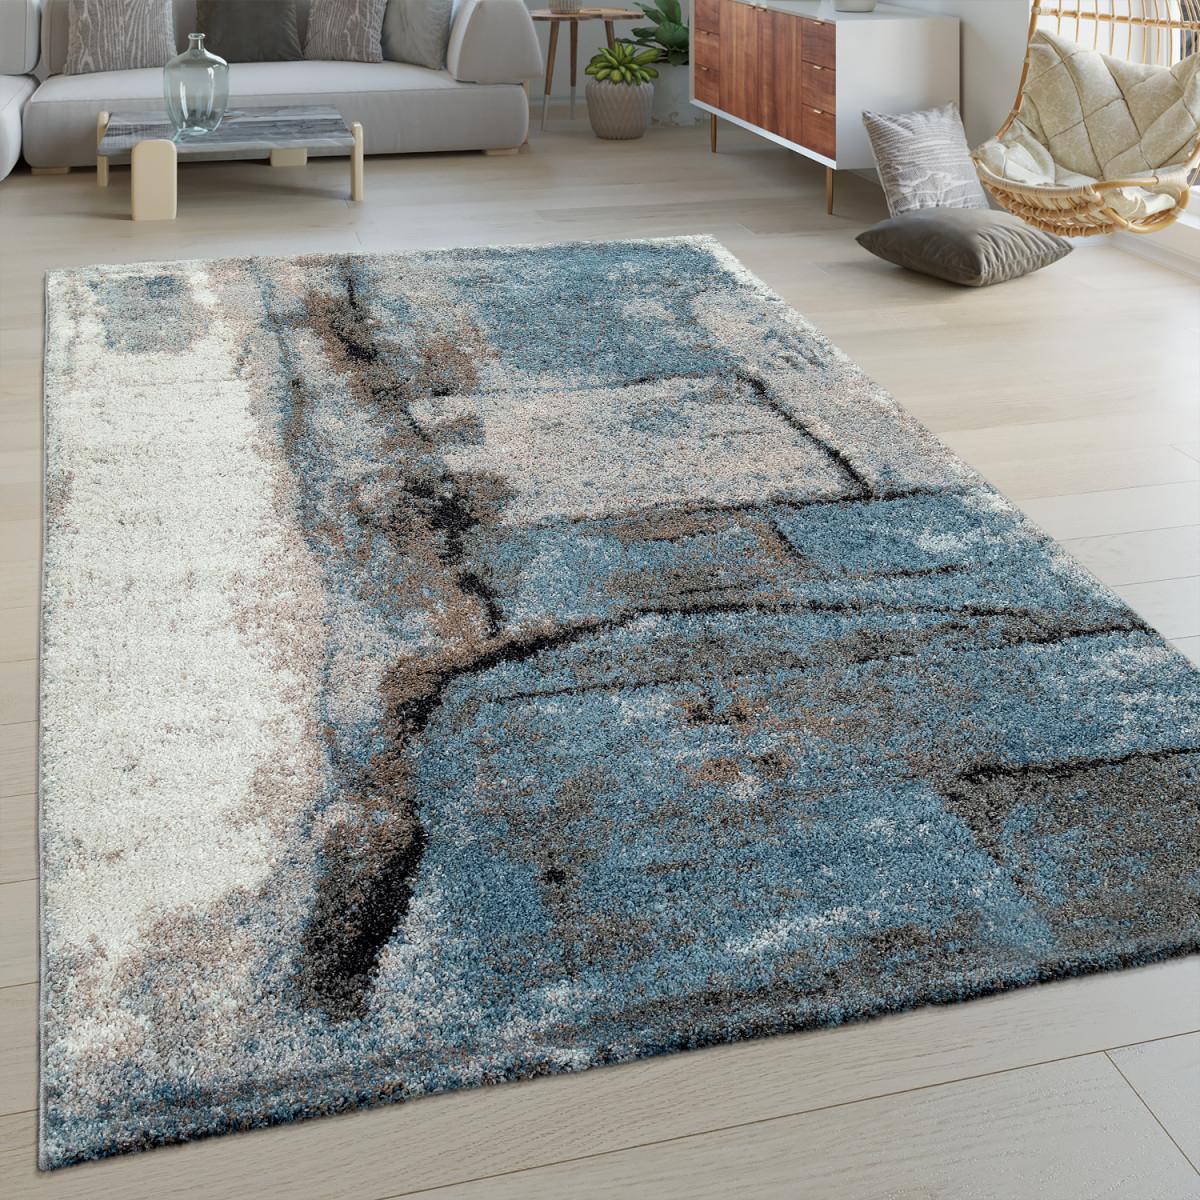 Details Zu Kurzflor Wohnzimmer Teppich Modern Abstraktes Design Stein  Muster In Blau Grau von Teppich Blau Wohnzimmer Bild